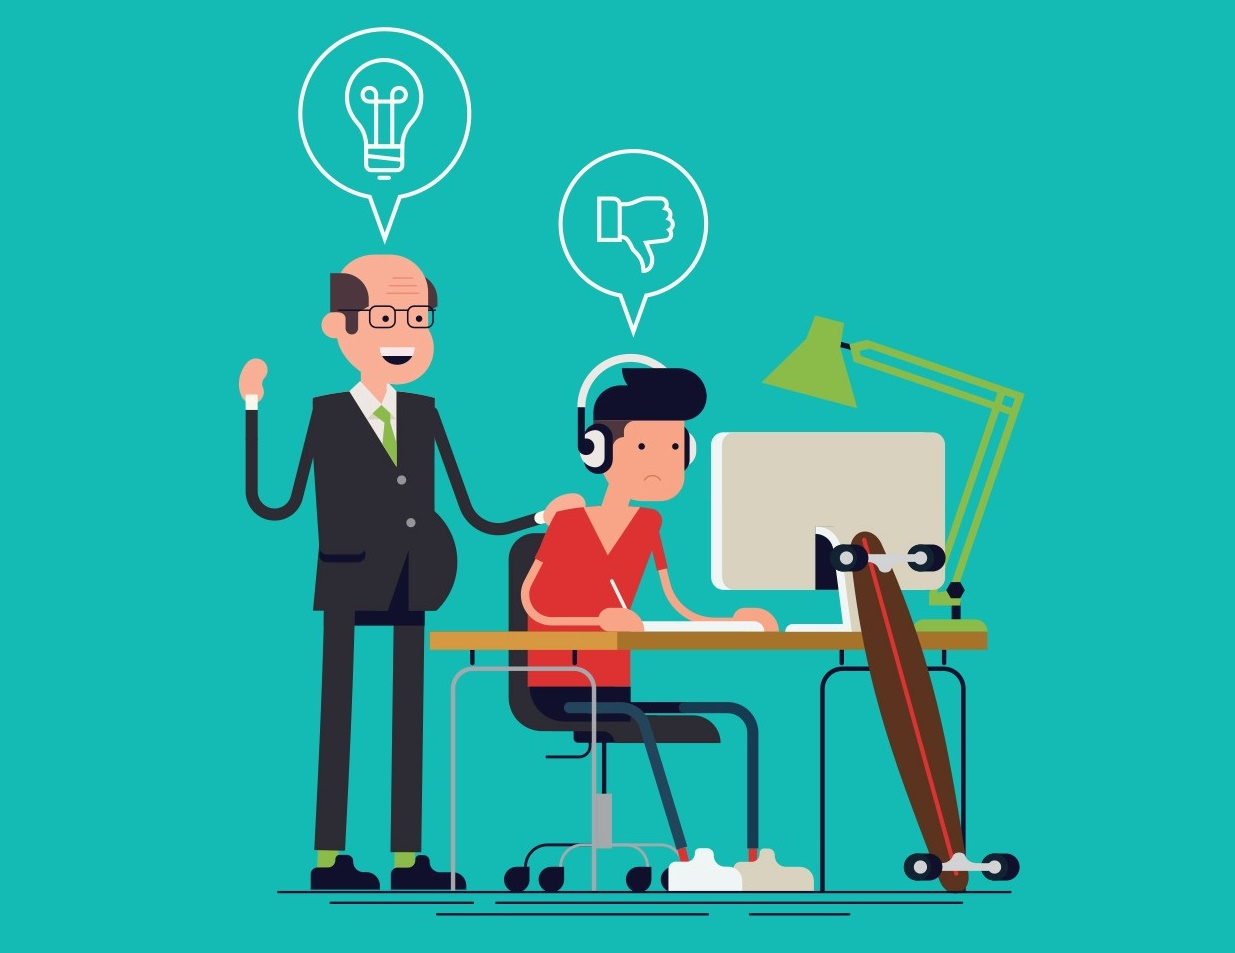 «Тупой» заказчик или подрядчик? Как с помощью эмоционального интеллекта избежать конфликтов с клиентом